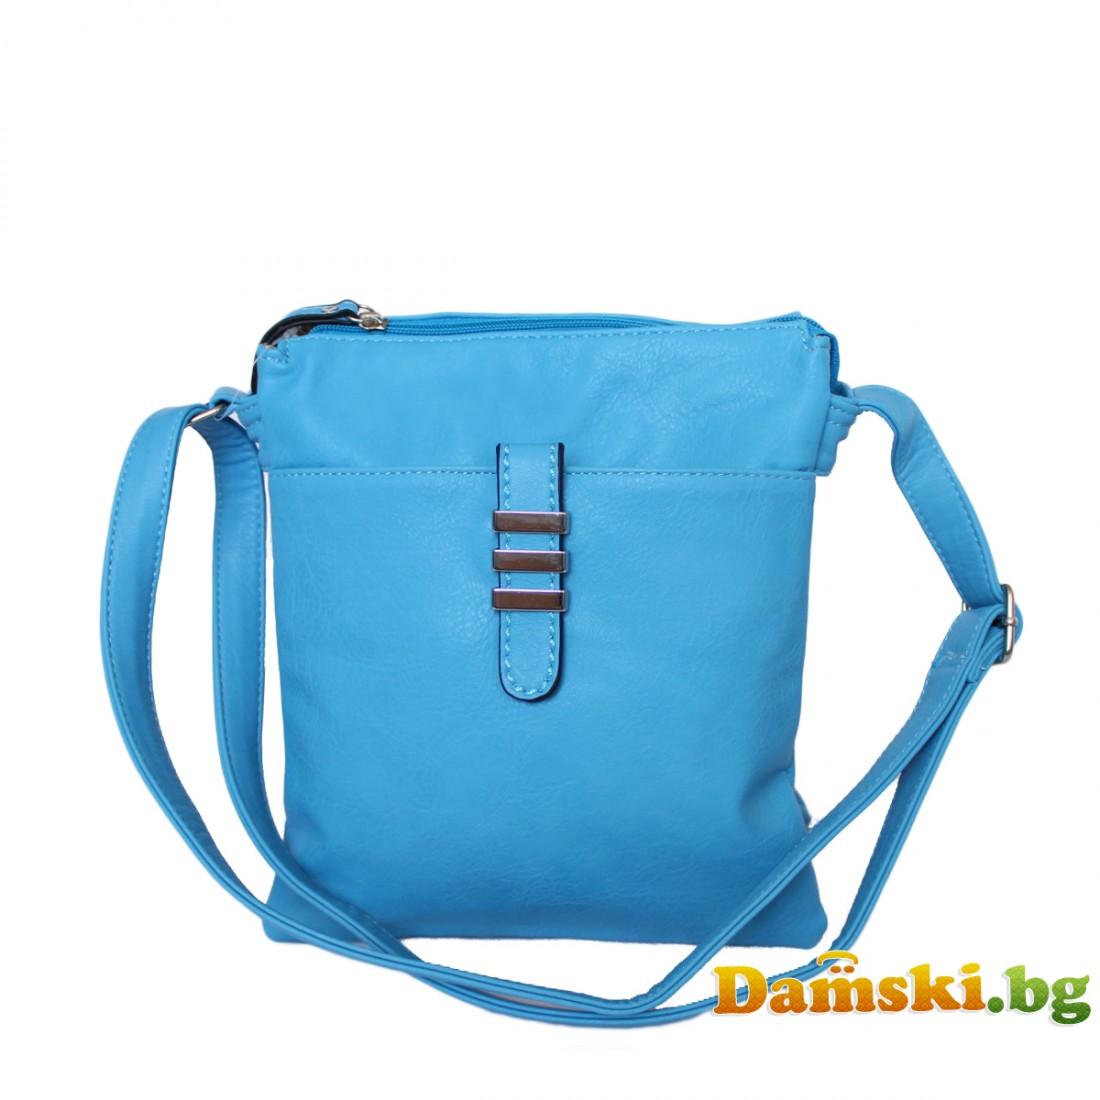 Дамска чанта през рамо - Синя